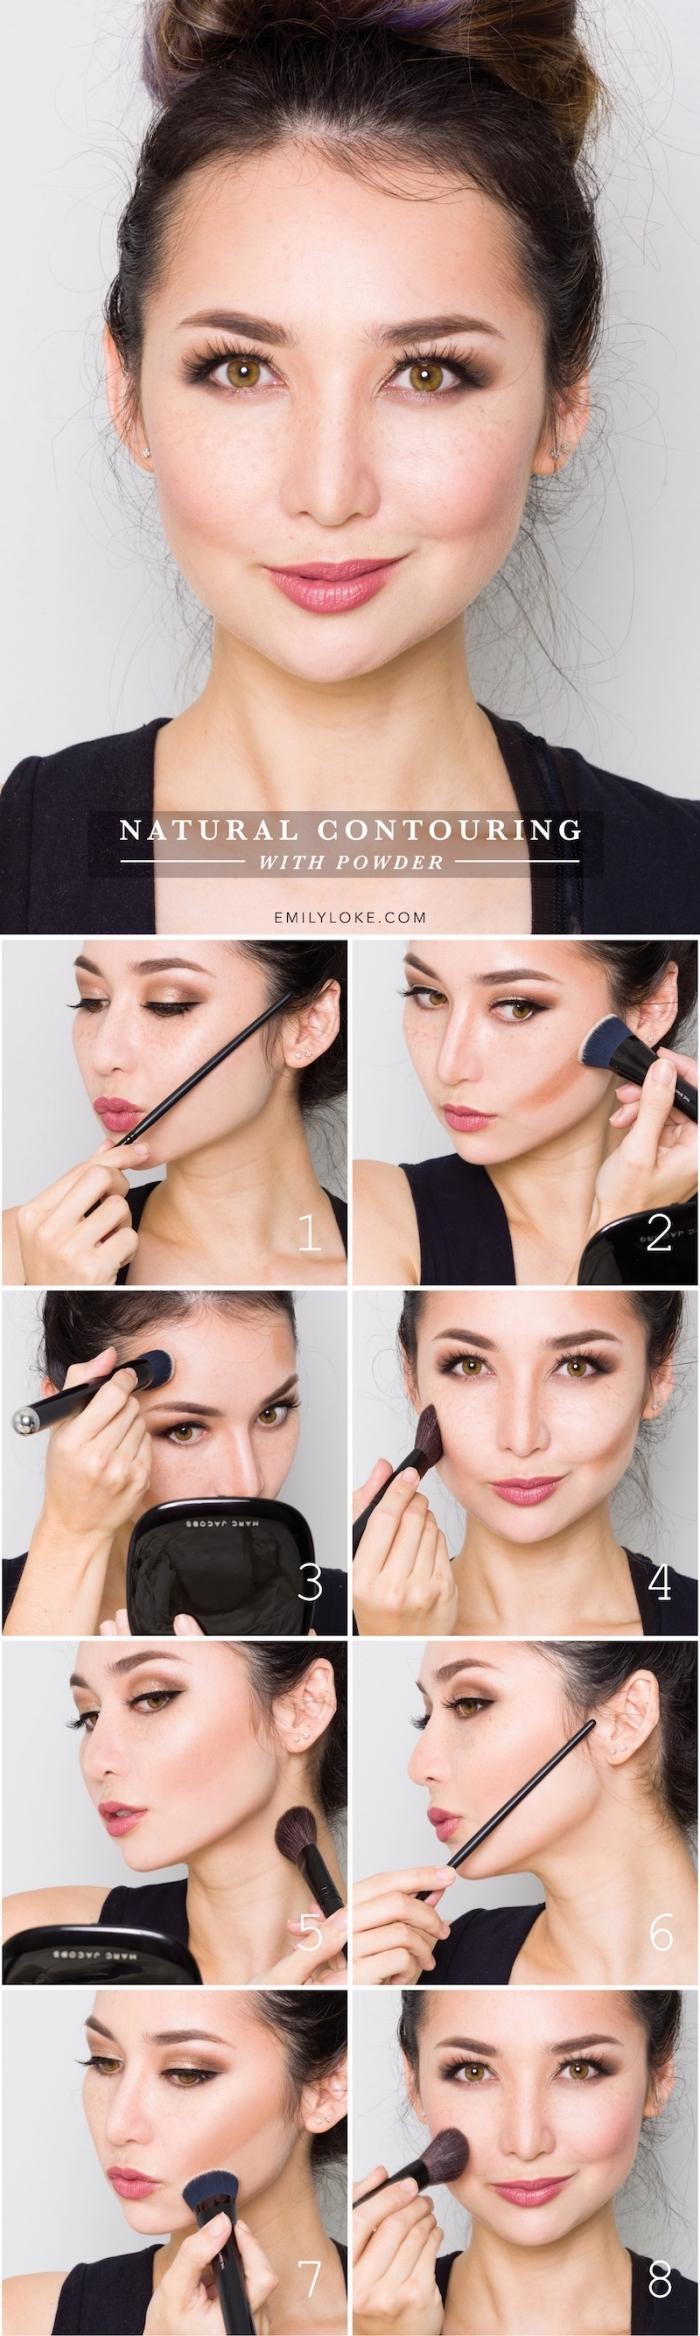 tutoriel facile pour apprendre comment réaliser un contouring léger sur peau claire, sculpter son visage avec teinte foncée